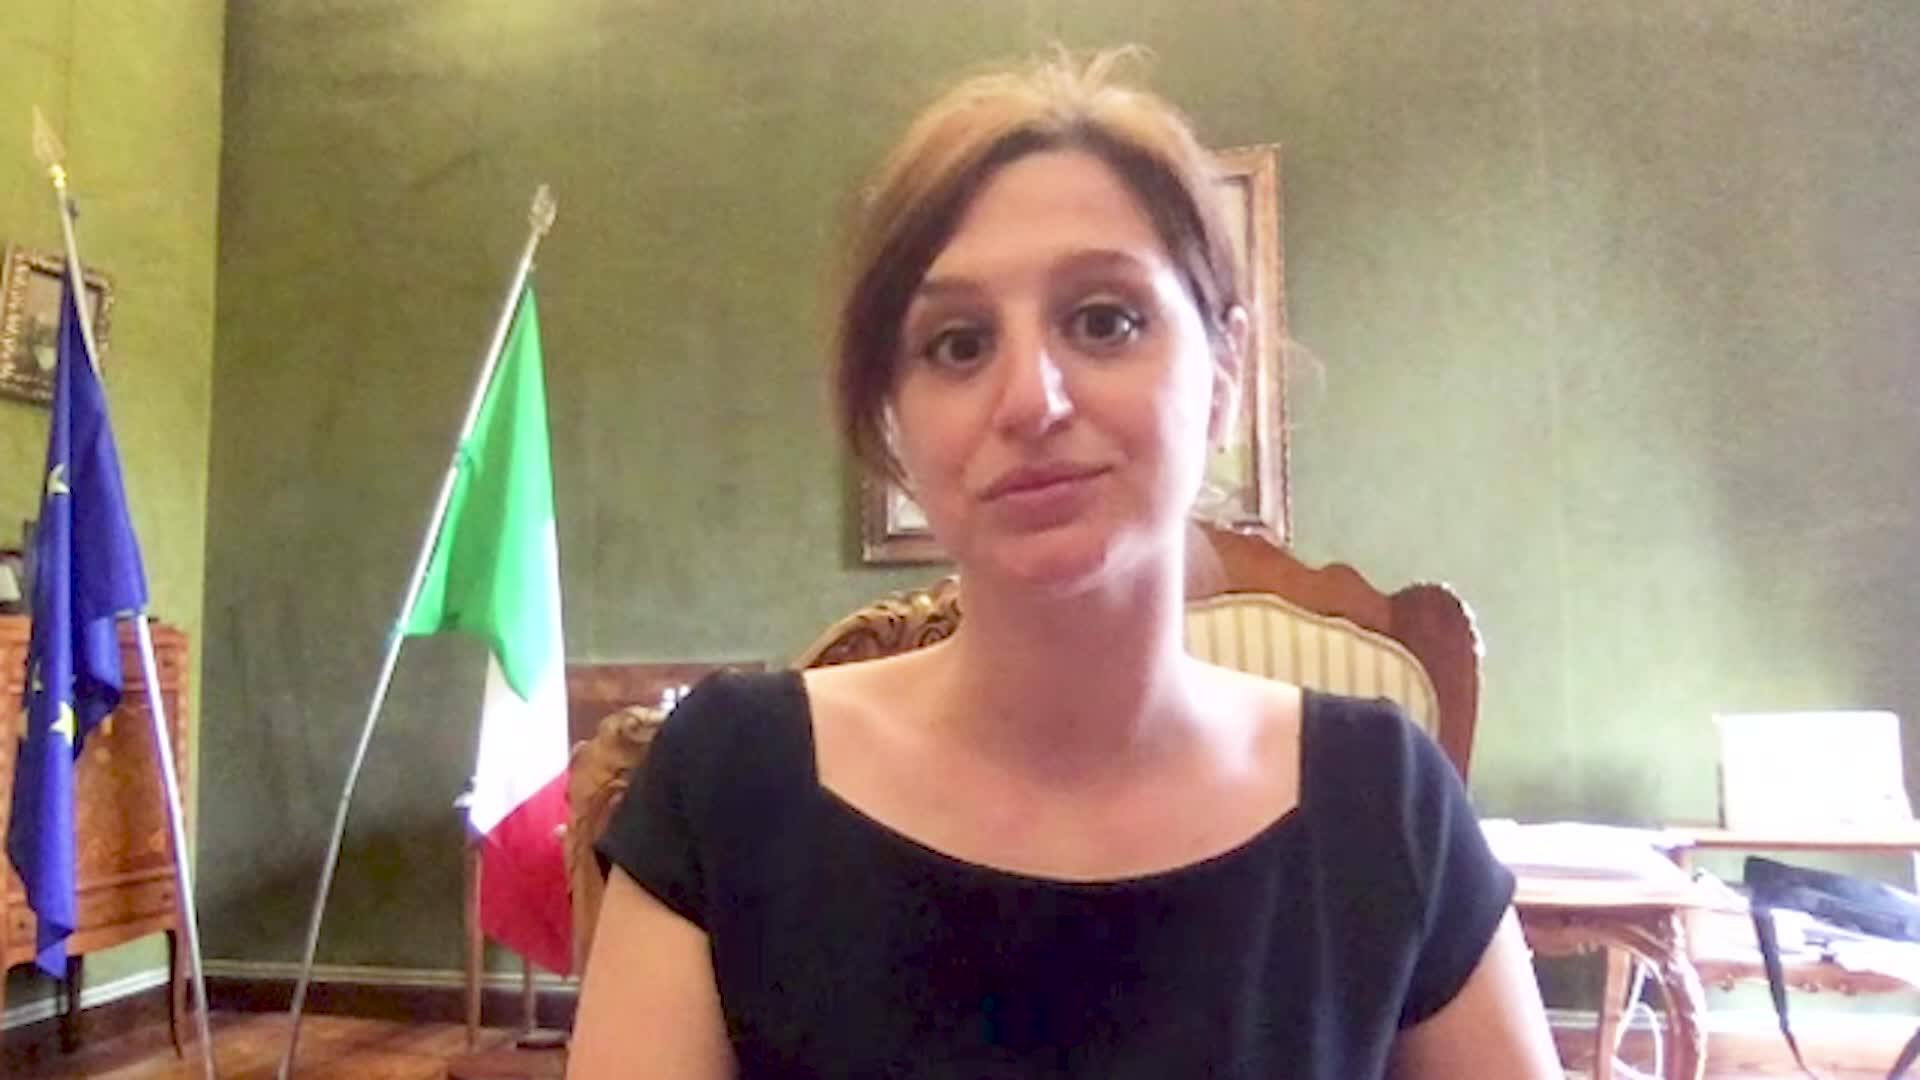 Video: La transizione ecologica nel Varesotto: intervento di Maria Paola Cocchiere